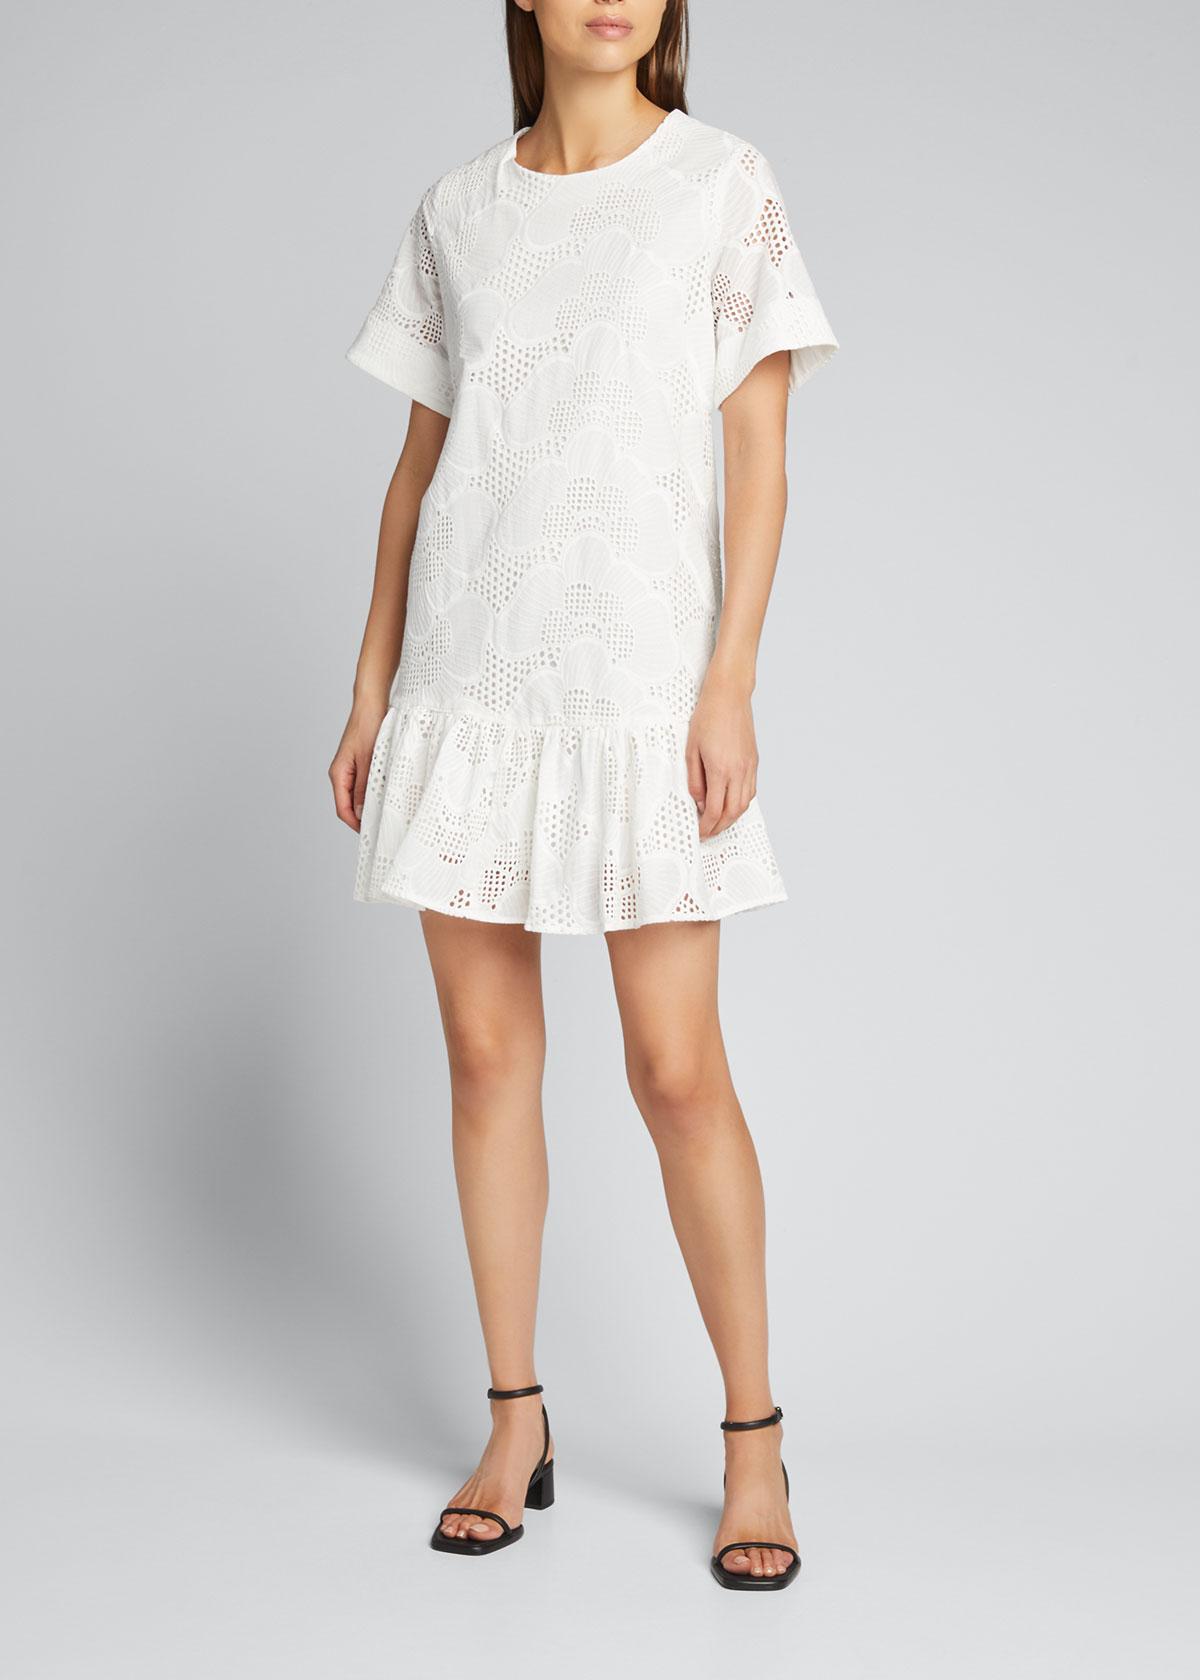 Milly Dresses BRYNN PIERES EYELET FLOUNCE DRESS